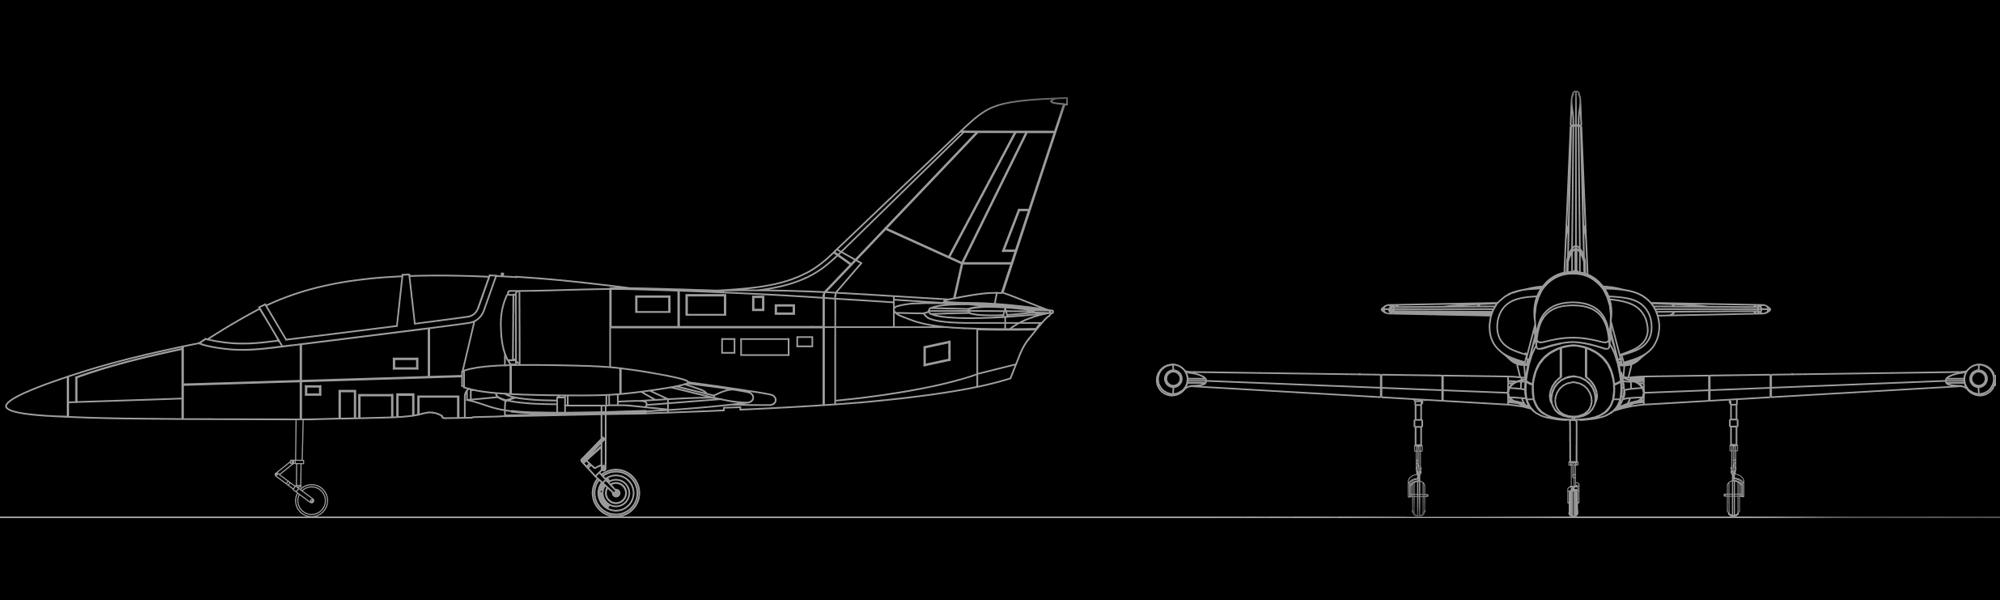 imitation_pilote_avion_de_chasse